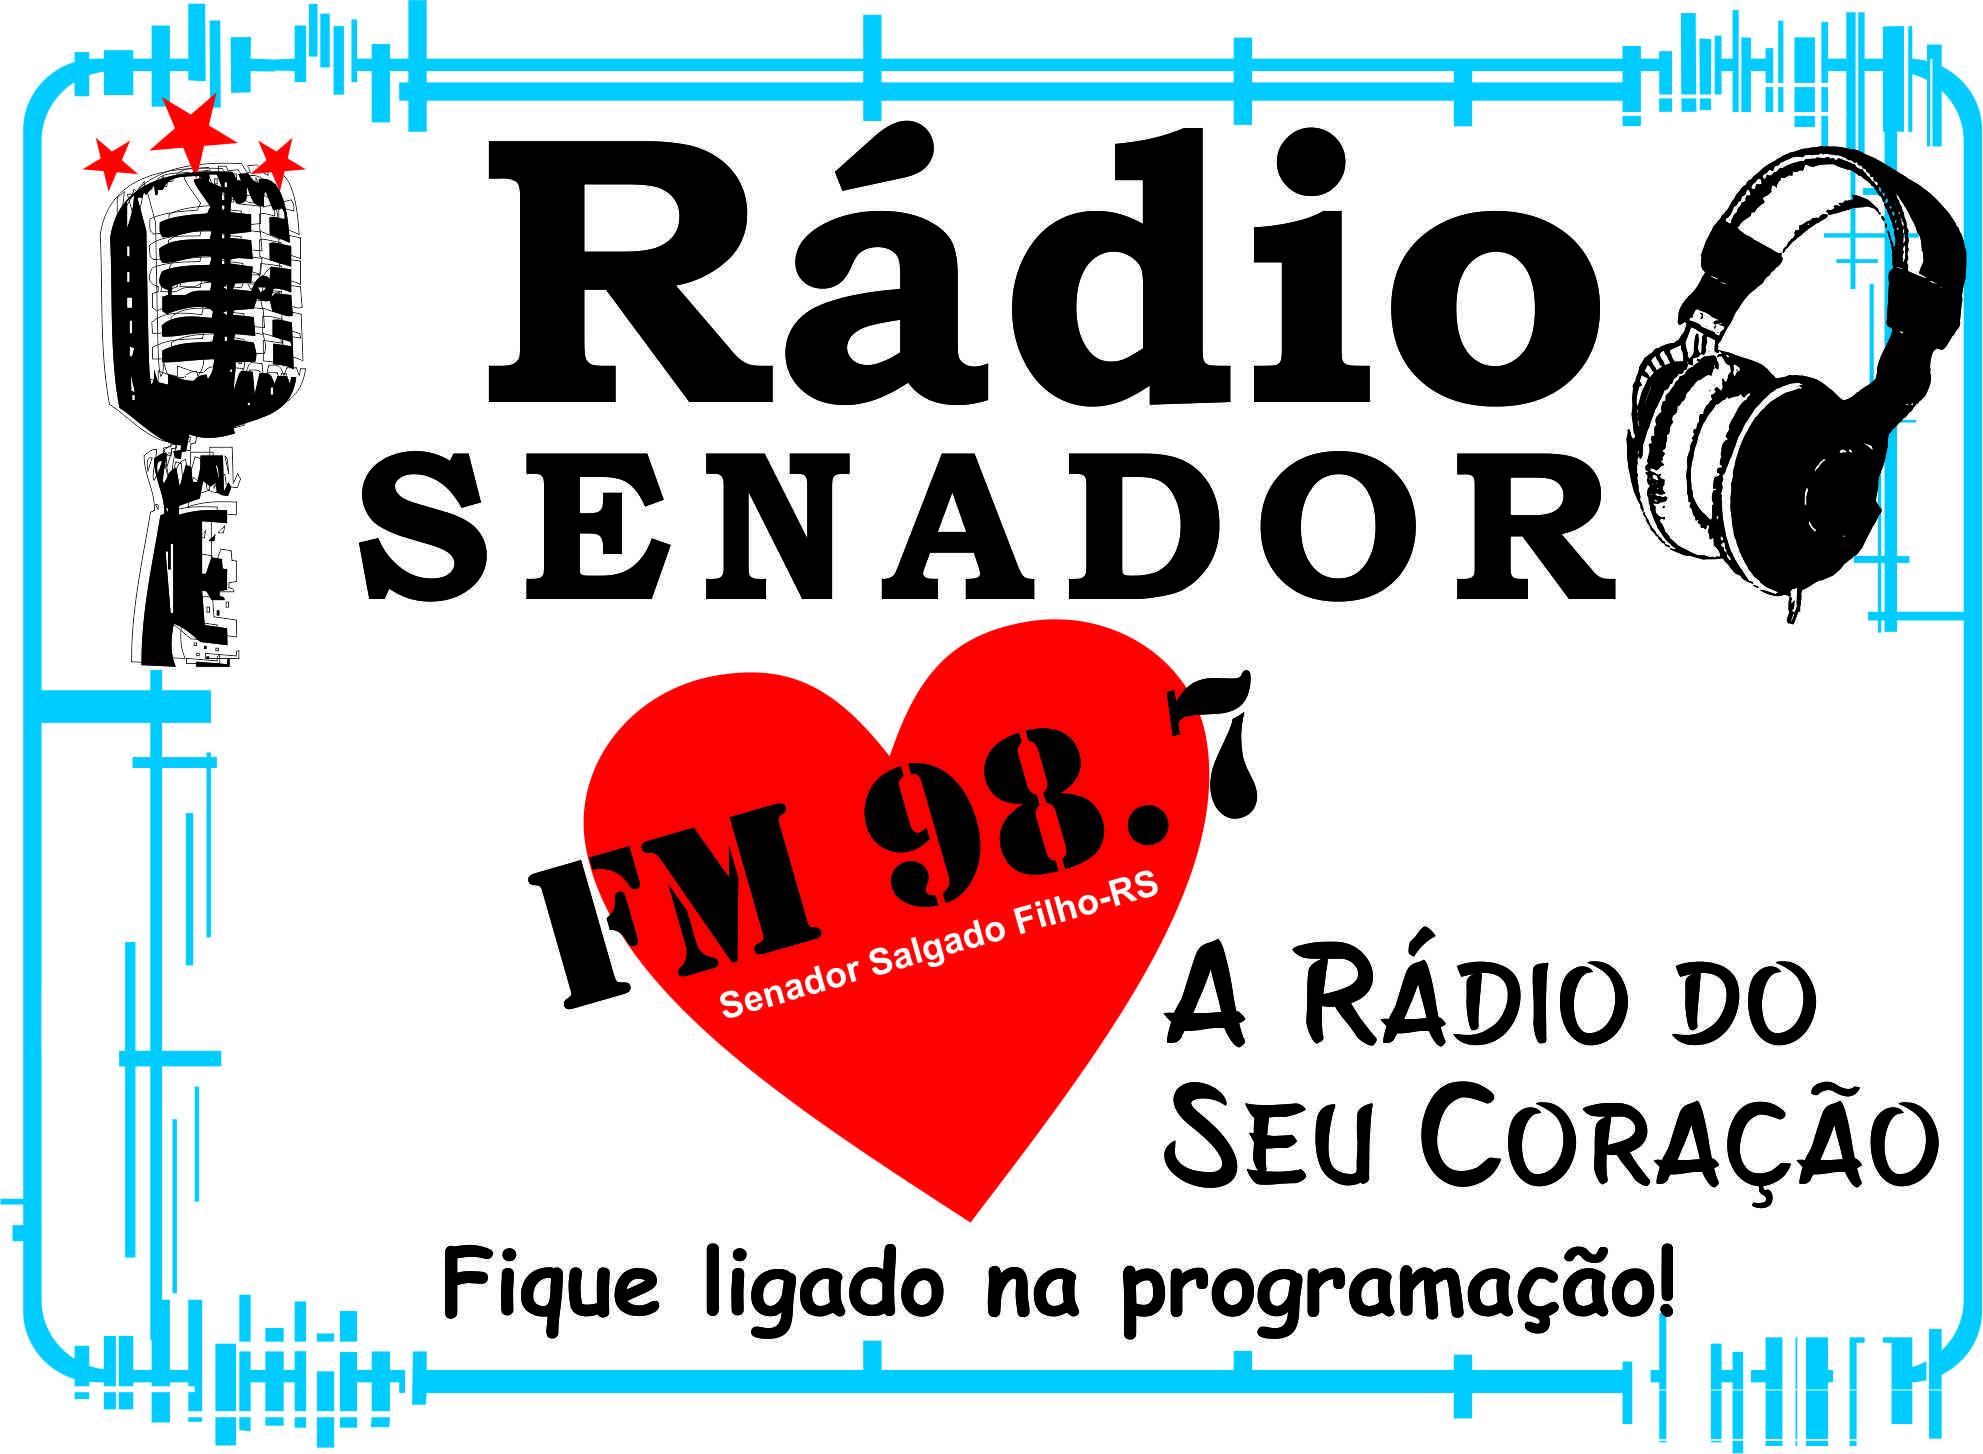 Radio Senador1